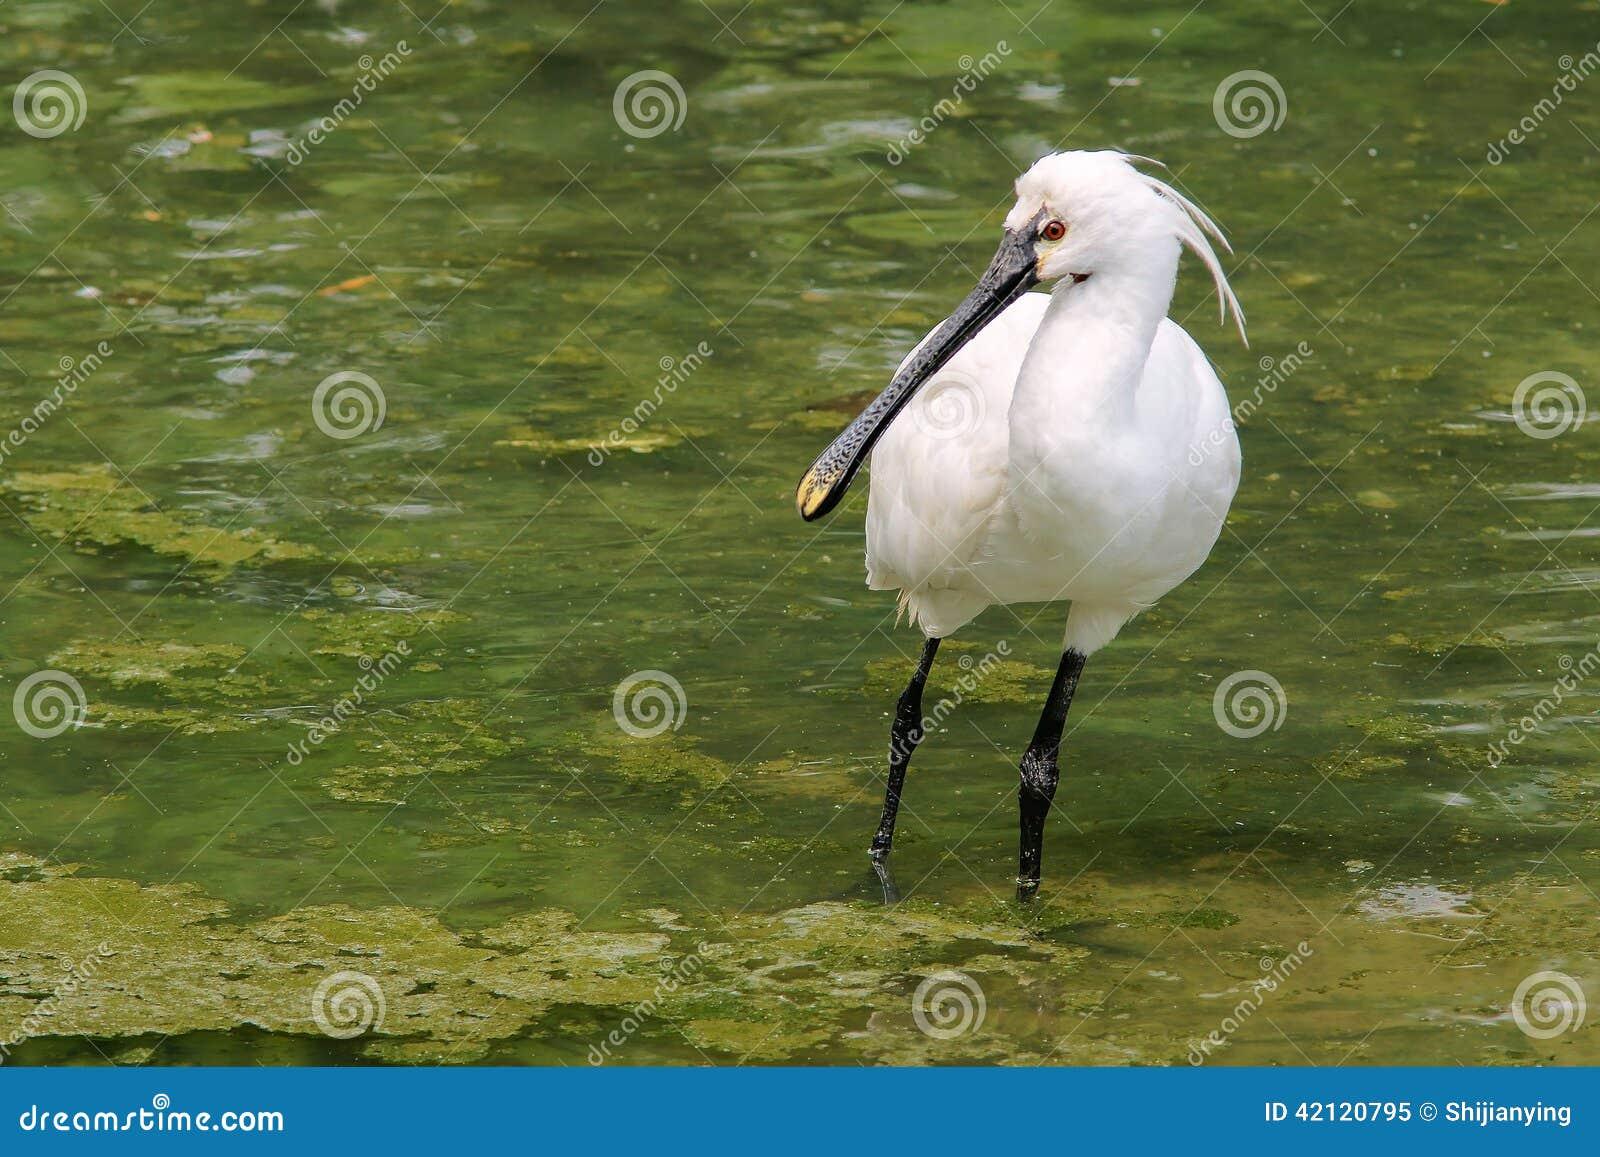 Spoonbill Black-faced